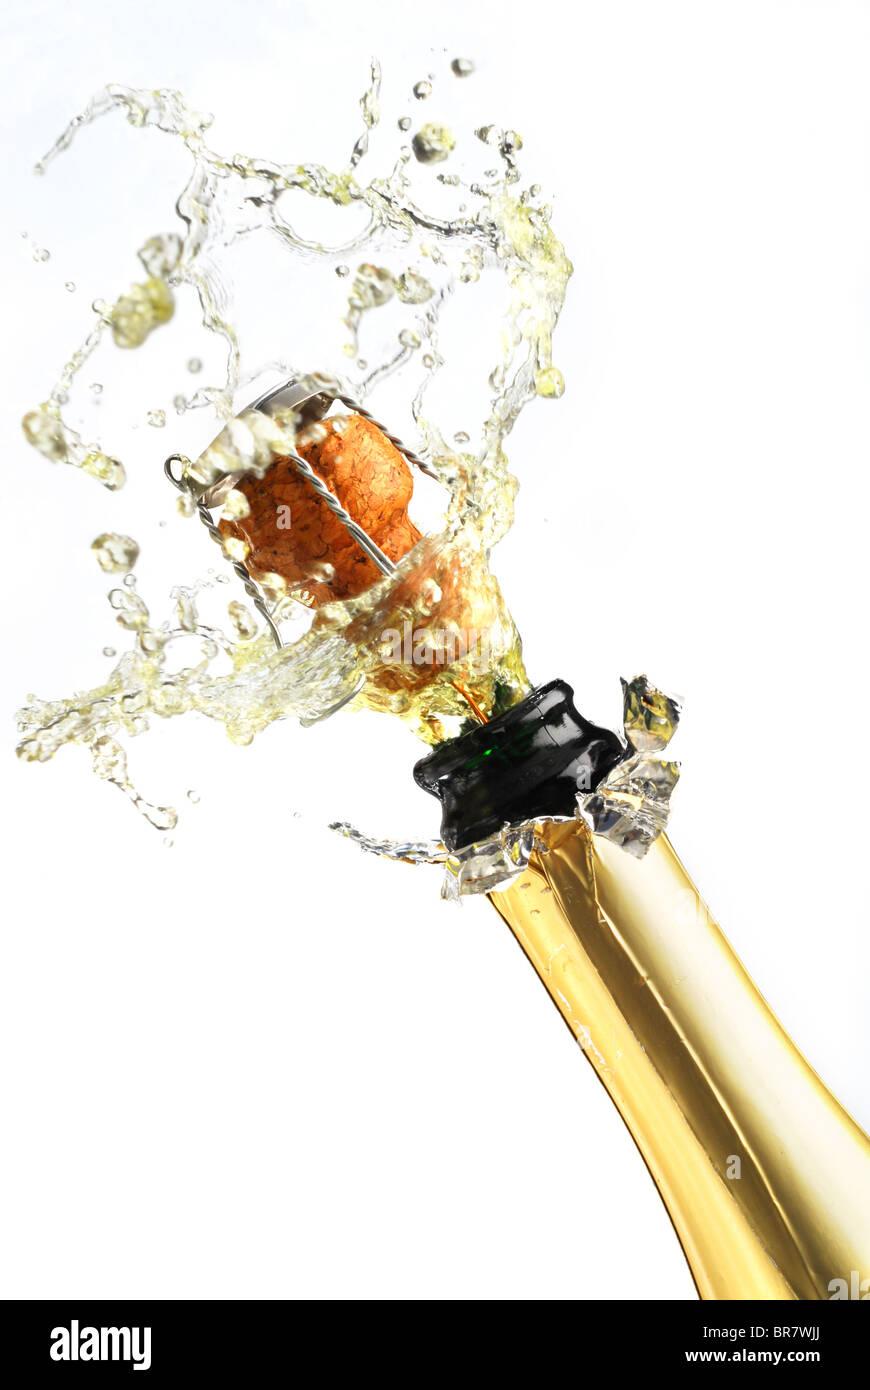 Extreme Nahaufnahme der Explosion der Flasche Champagner-Korken Stockbild